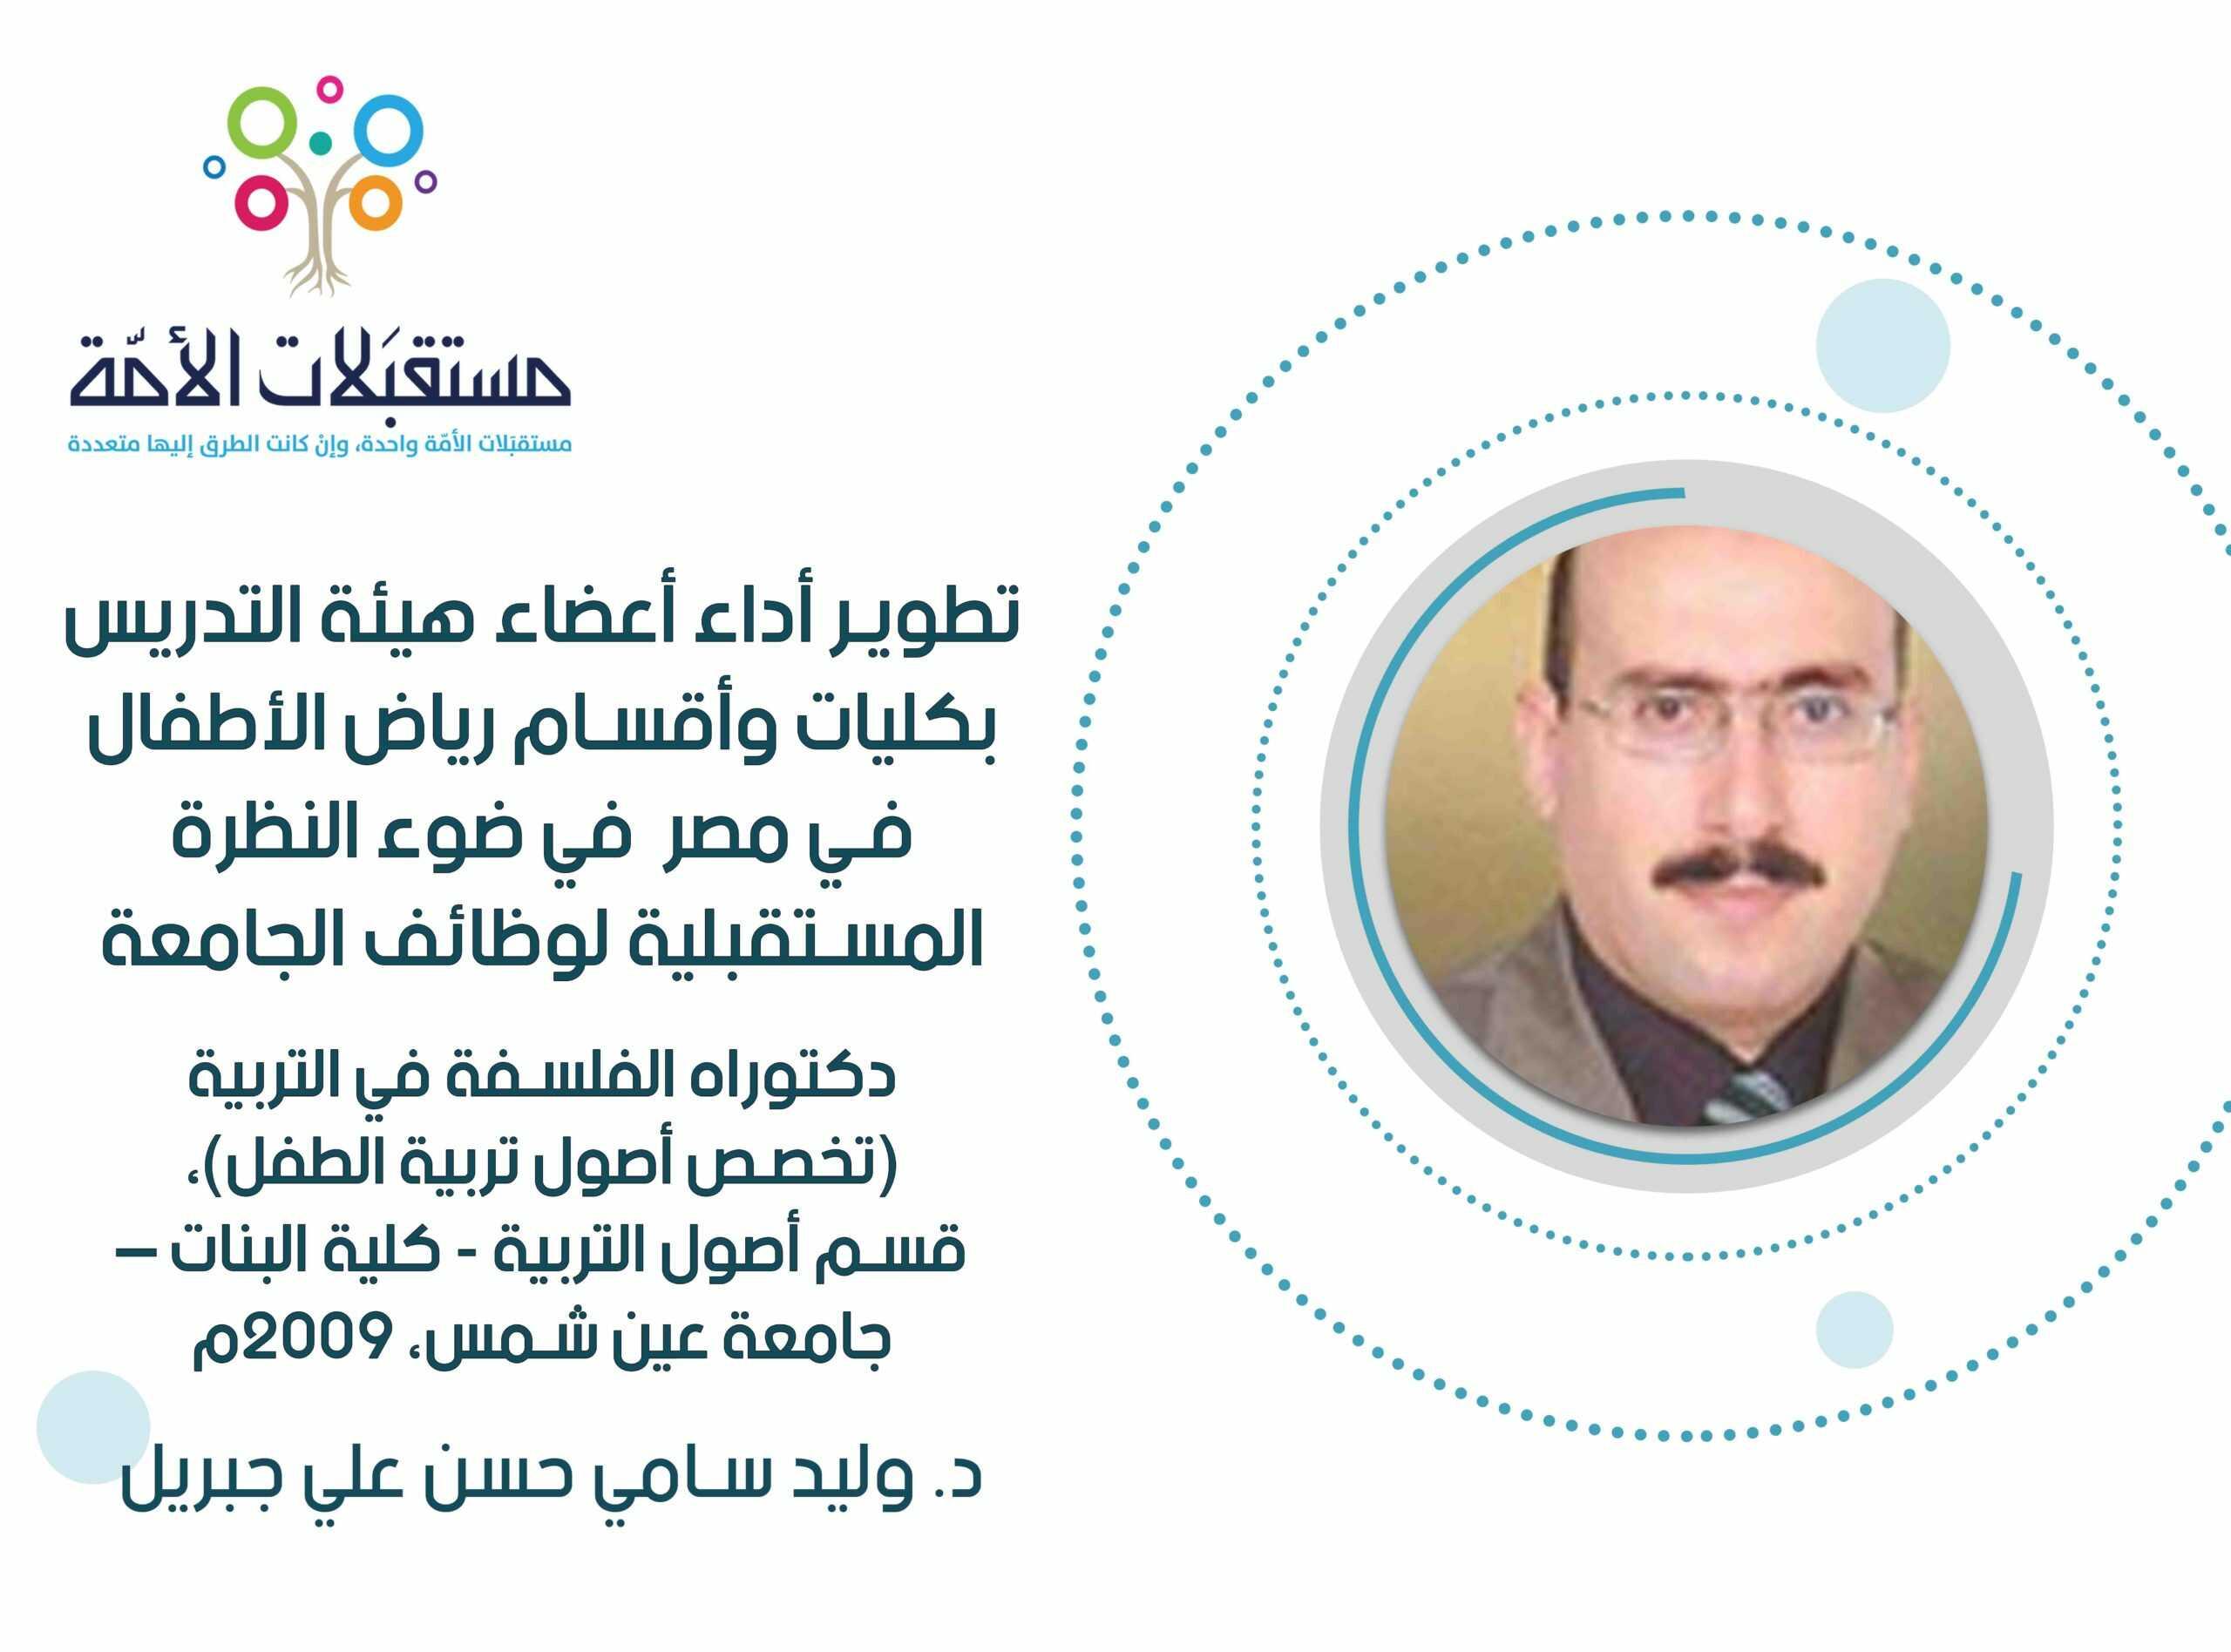 تطوير أداء أعضاء هيئة التدريس بكليات وأقسام رياض الأطفال في مصر في ضوء النظرة المستقبلية لوظائف الجامعة